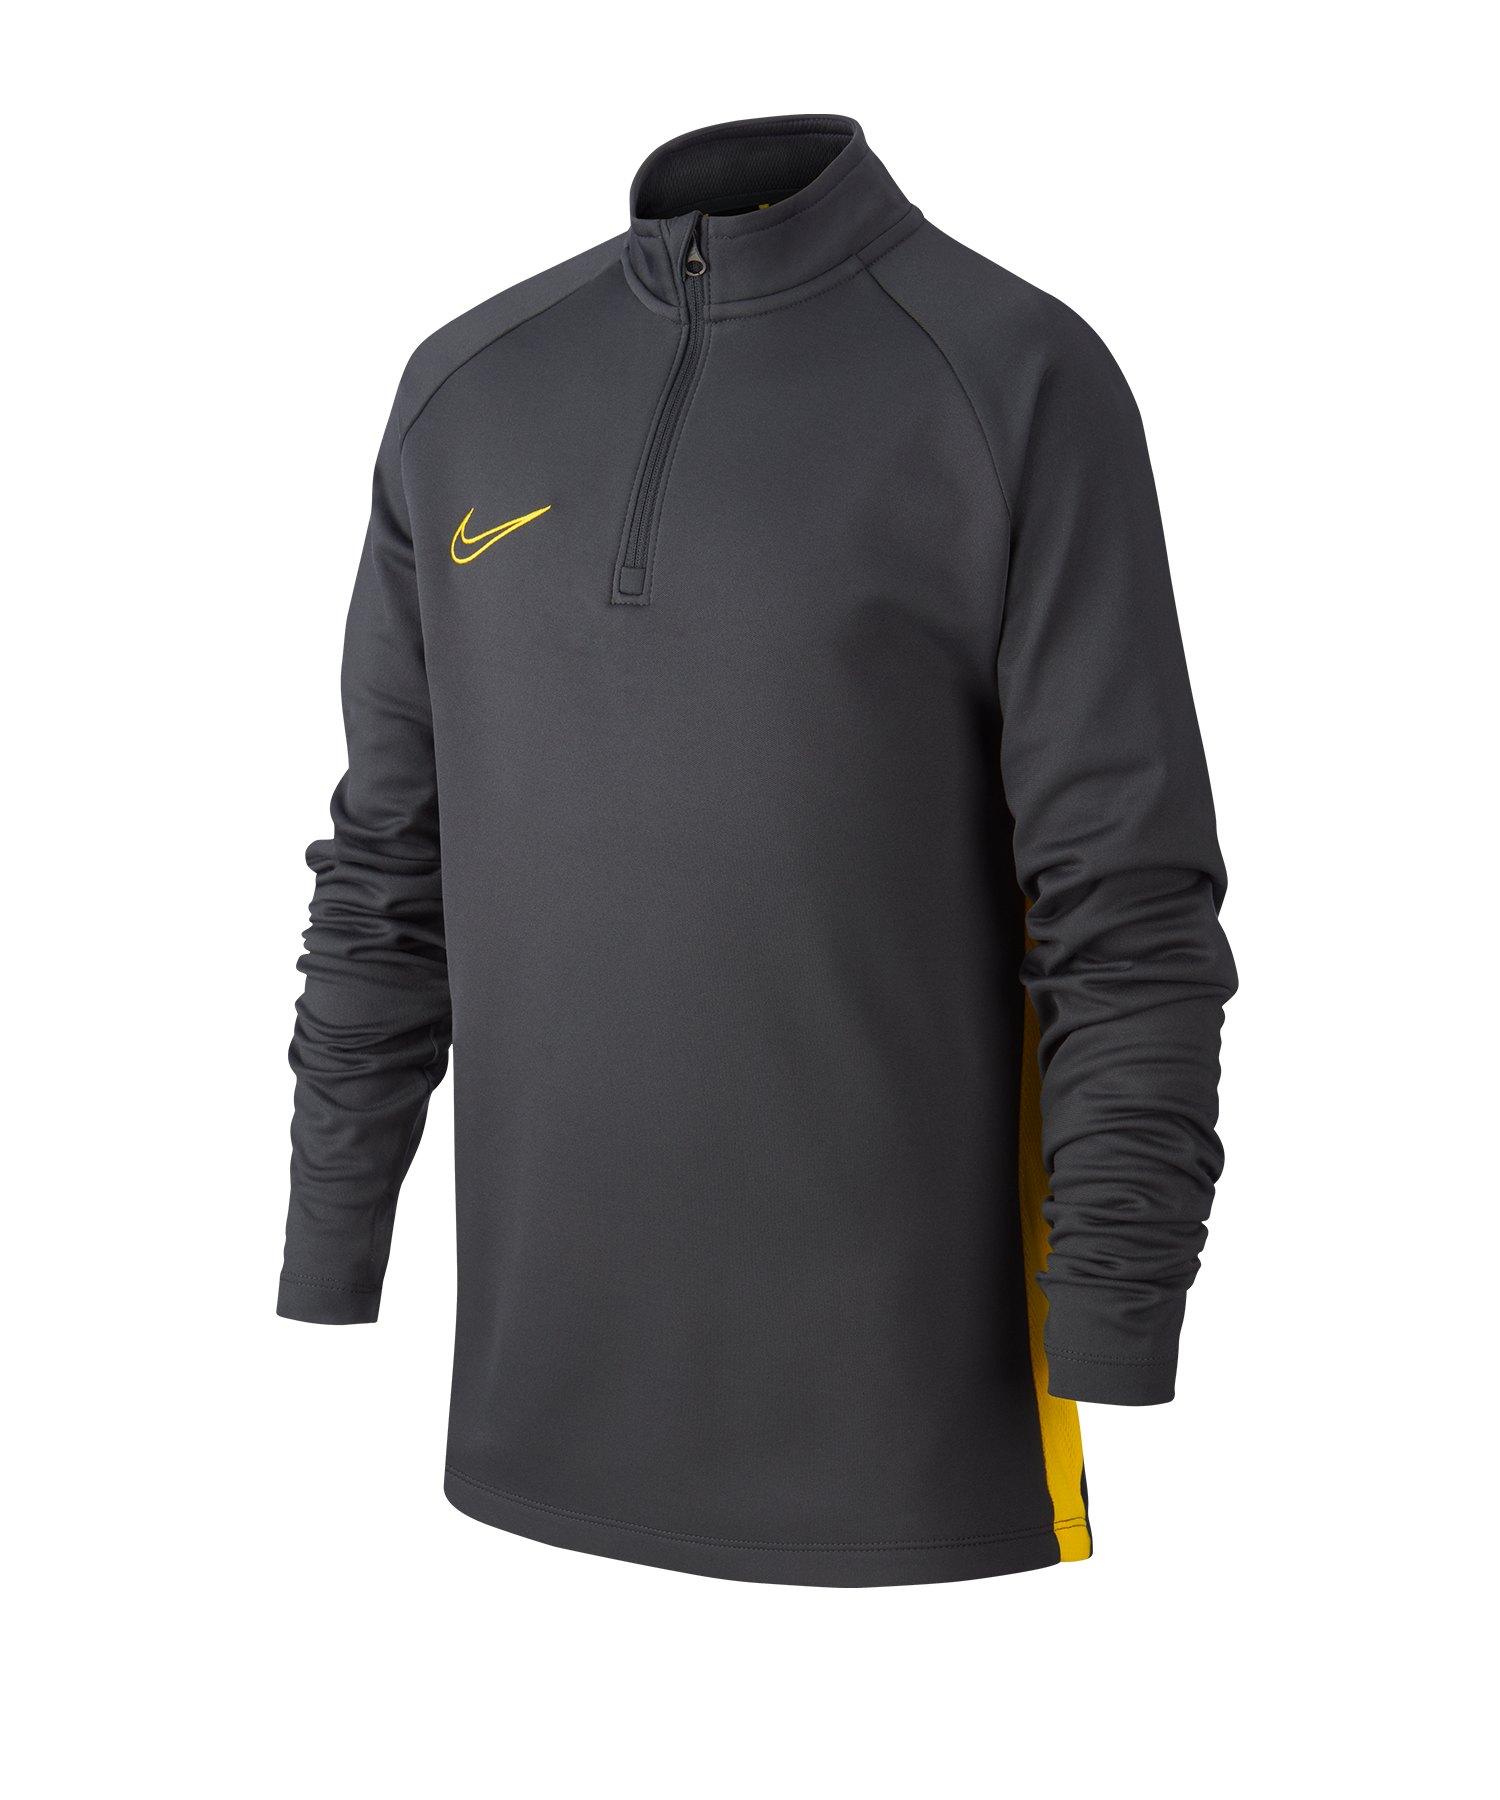 Nike Dry Academy Drill Top Kids Grau F060 - grau